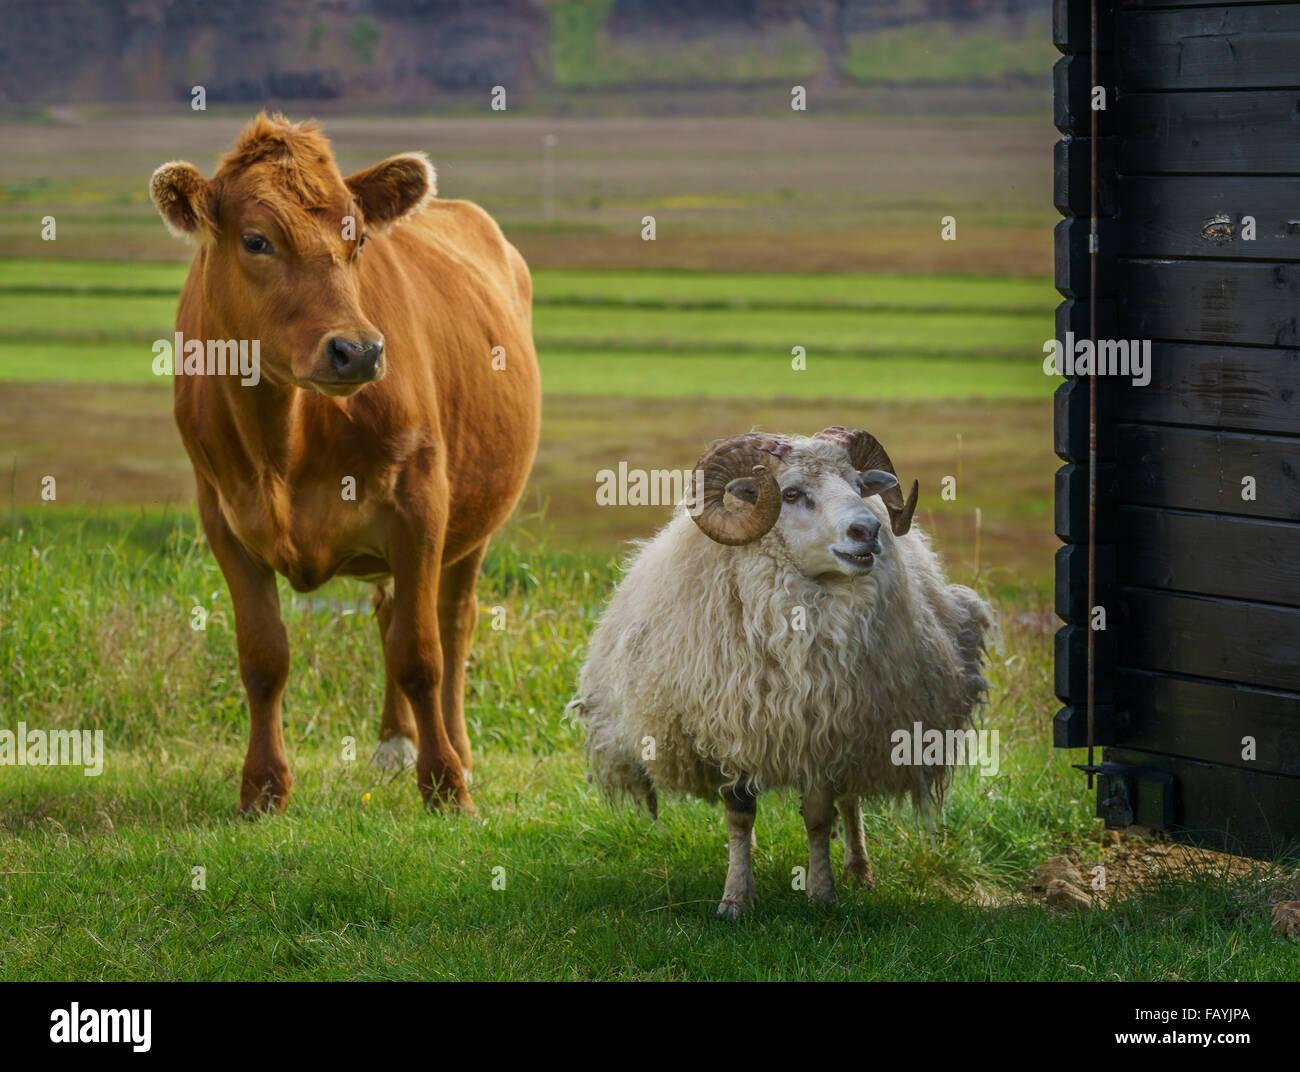 Los jóvenes vaca y oveja son libres para moverse y pastan sobre hierba, granja, nordurardalur hraunsnef valle, Imagen De Stock